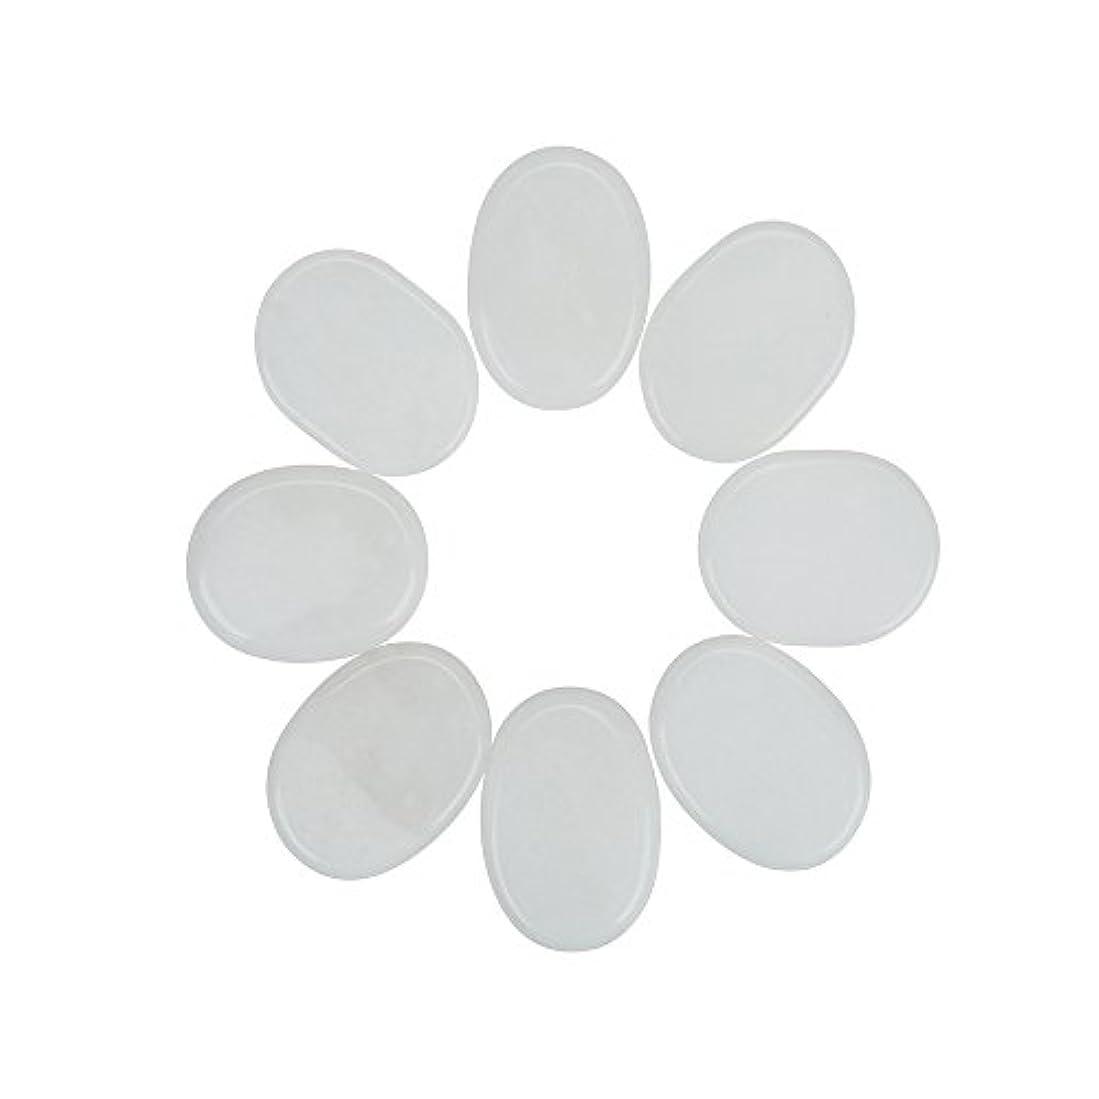 保全学者に沿ってWindfulogo 8個入りホットマッサージストーンセットナチュラルジェイドスパマッサージ用ウォームストーンホットホワイト1.18 x 1.57 in(3x4cm)